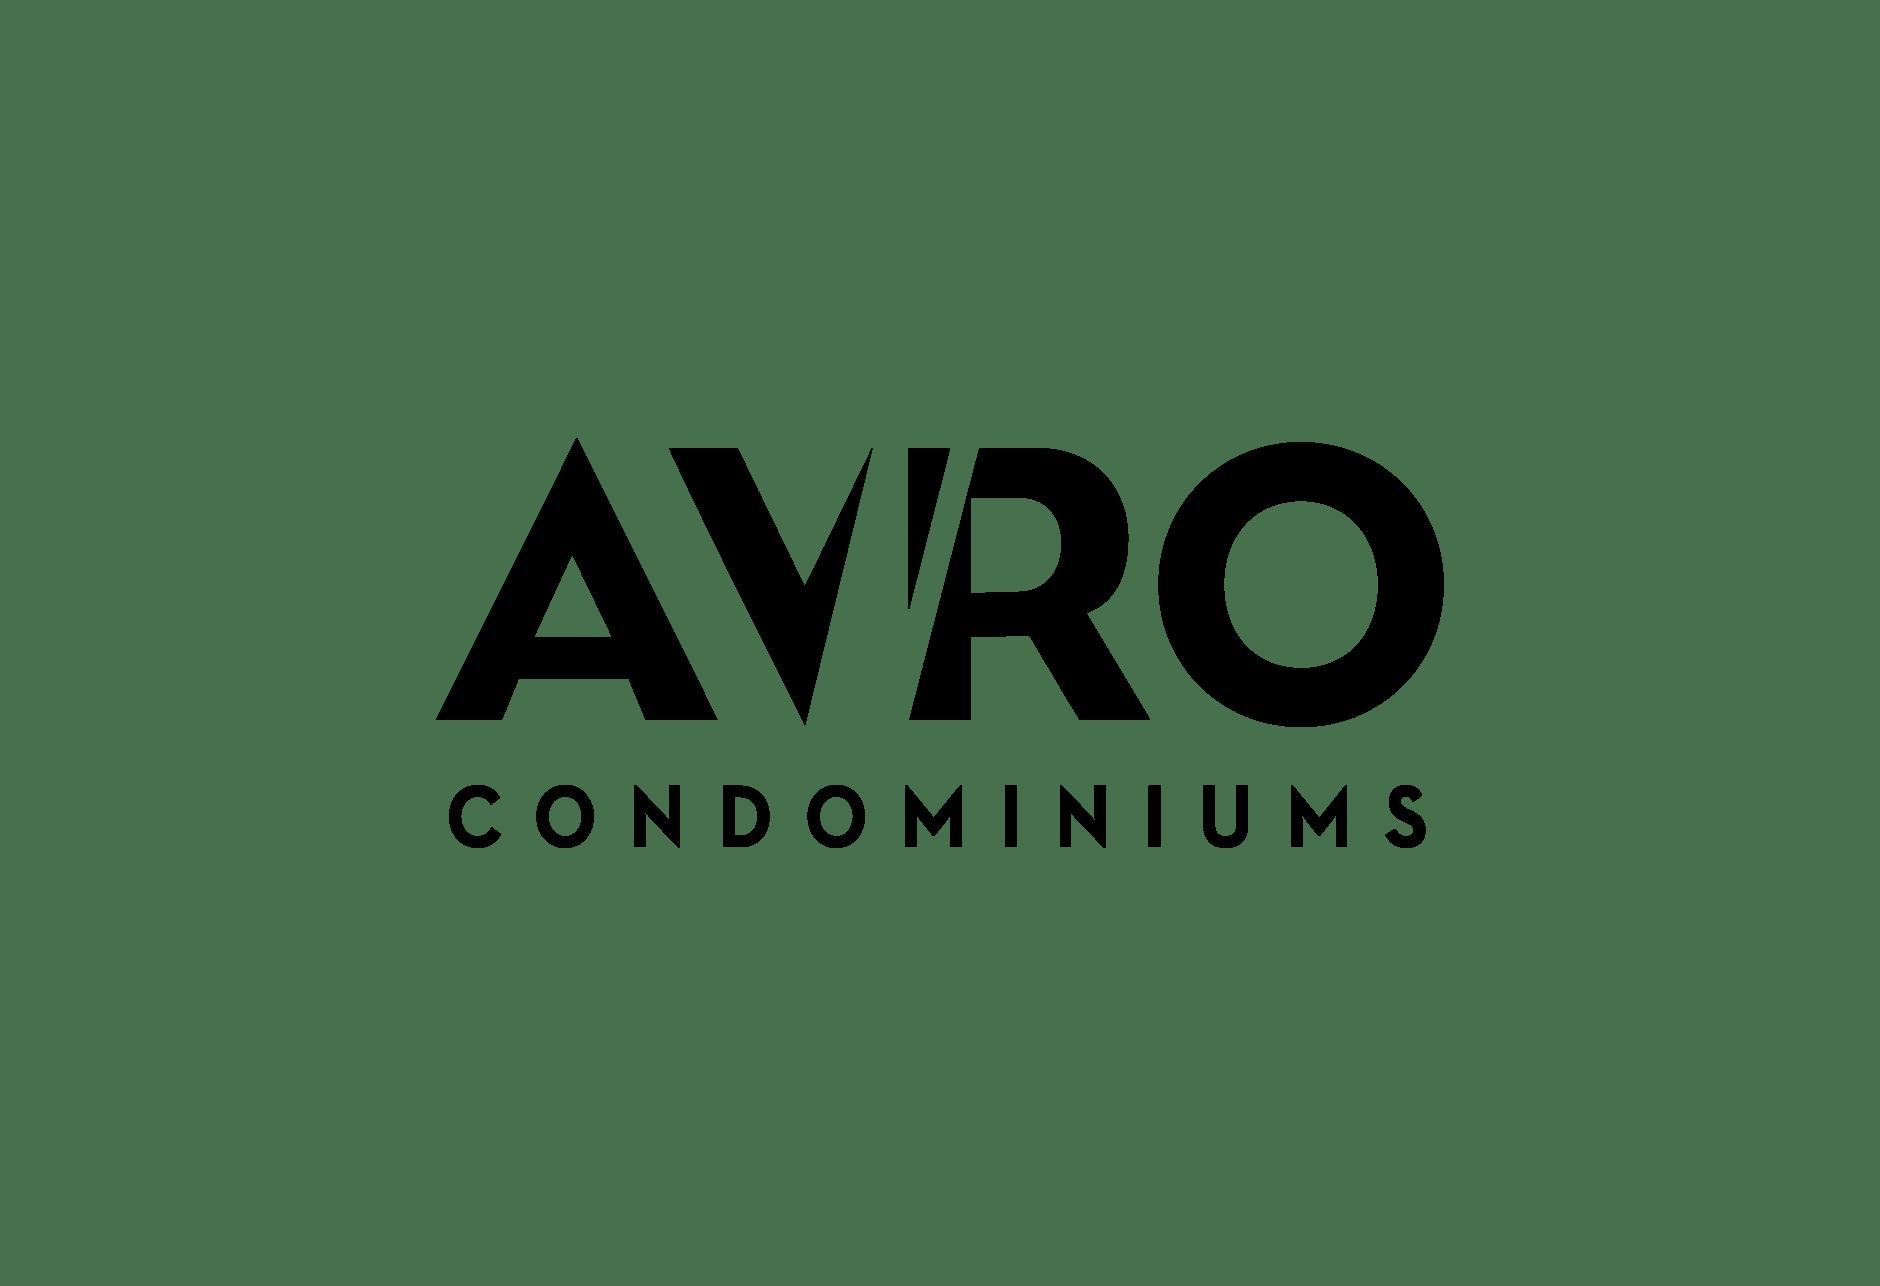 Avro condominiums logo